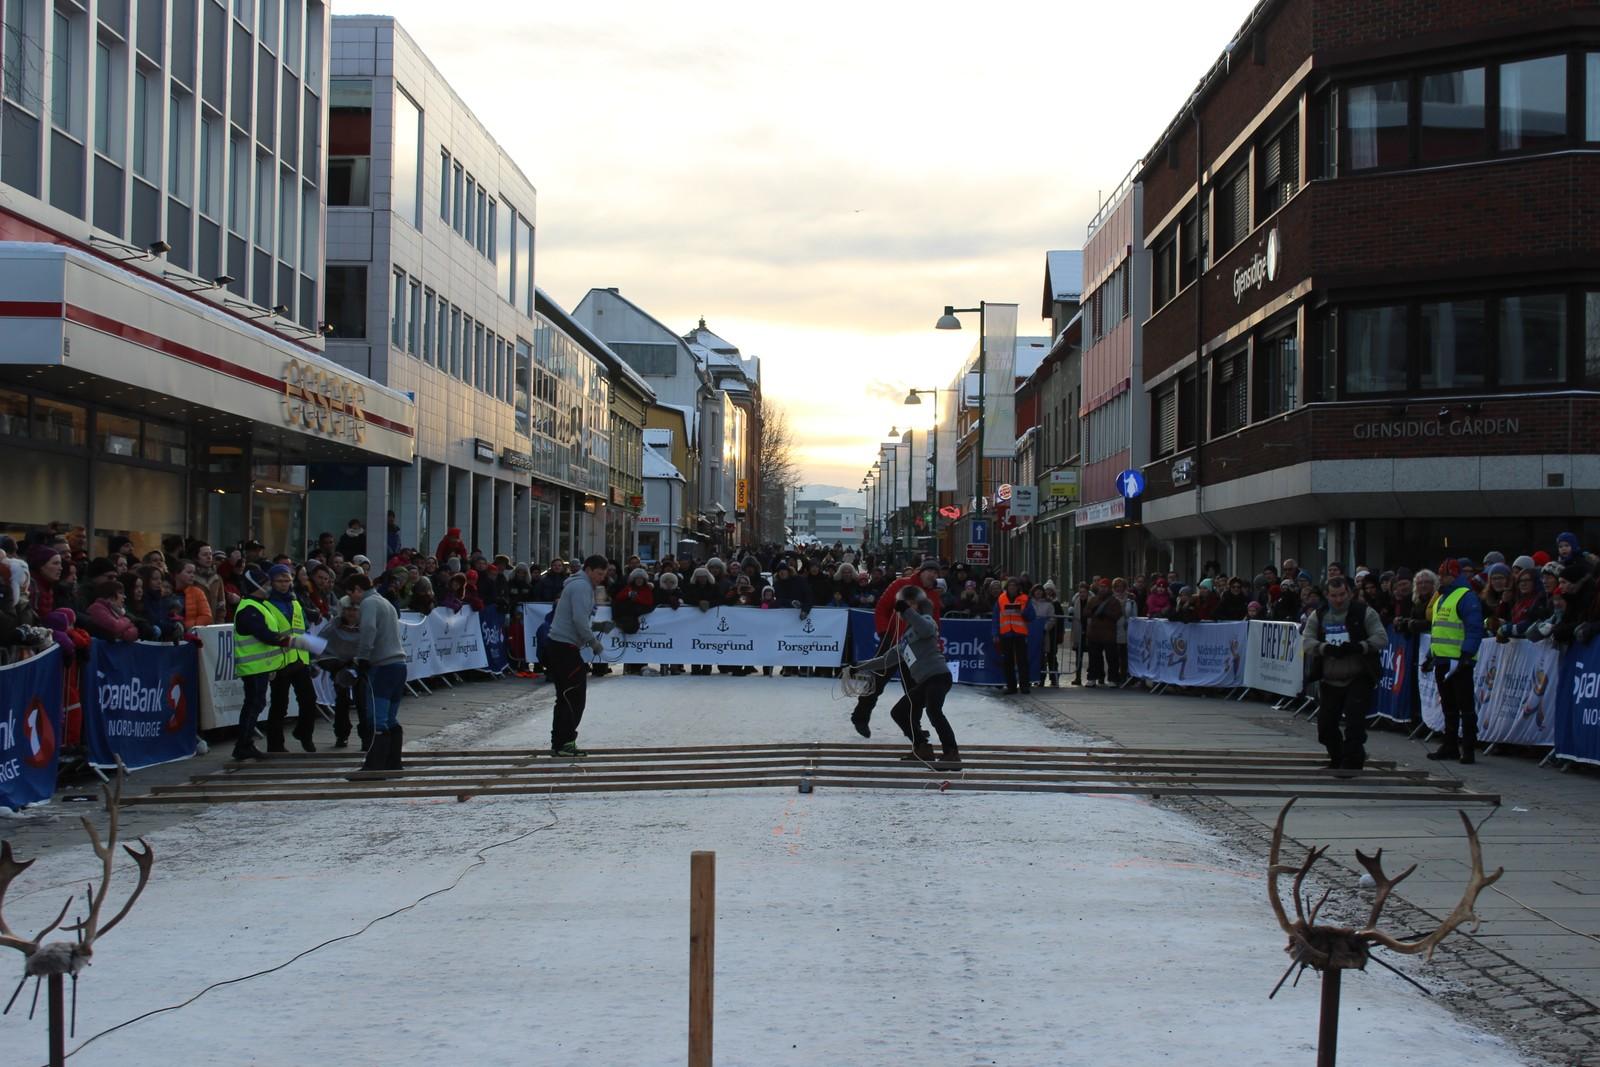 Her ser vi bilde fra NM i lassokasting arrangert av SVL-Norge. Masse fart og spenning på Storgata i Tromsø!